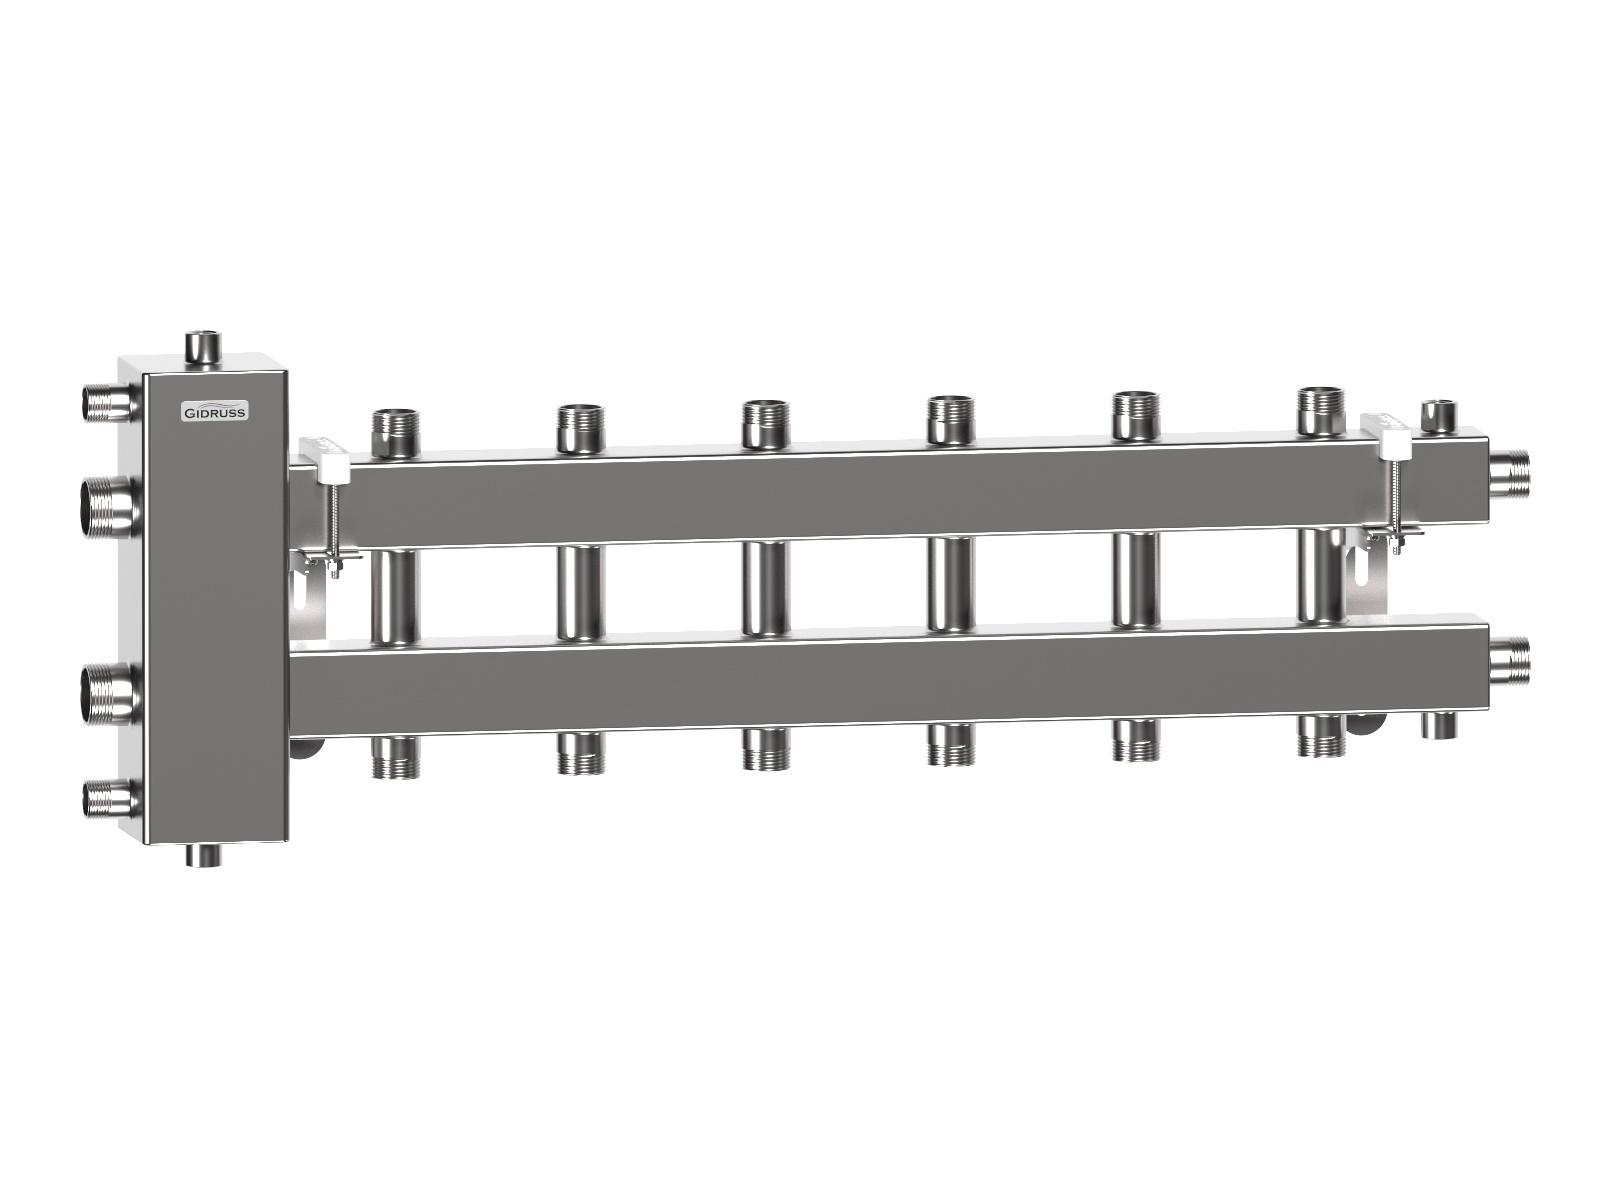 Гидрострелка с коллектором отопления на 7 контуров из нержавеющей стали